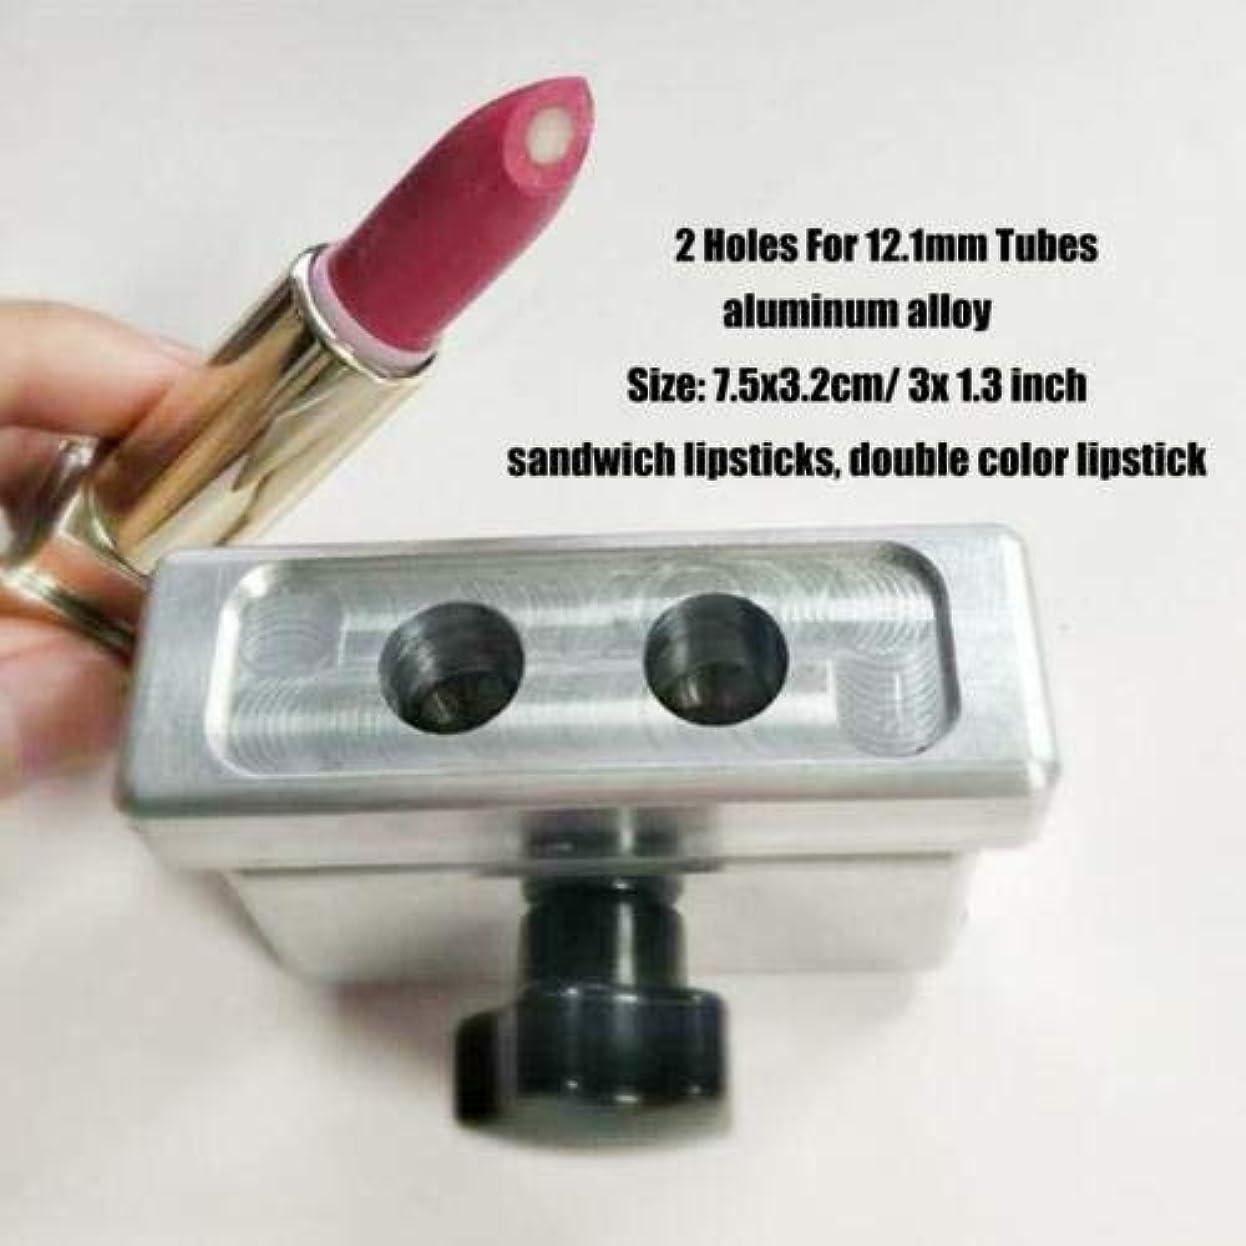 FidgetGear DIY口紅型リップスティック型メーカー2 4 6穴用9 mm 11.1 mm 12.1 mmチューブ #5(2穴12.1mm)